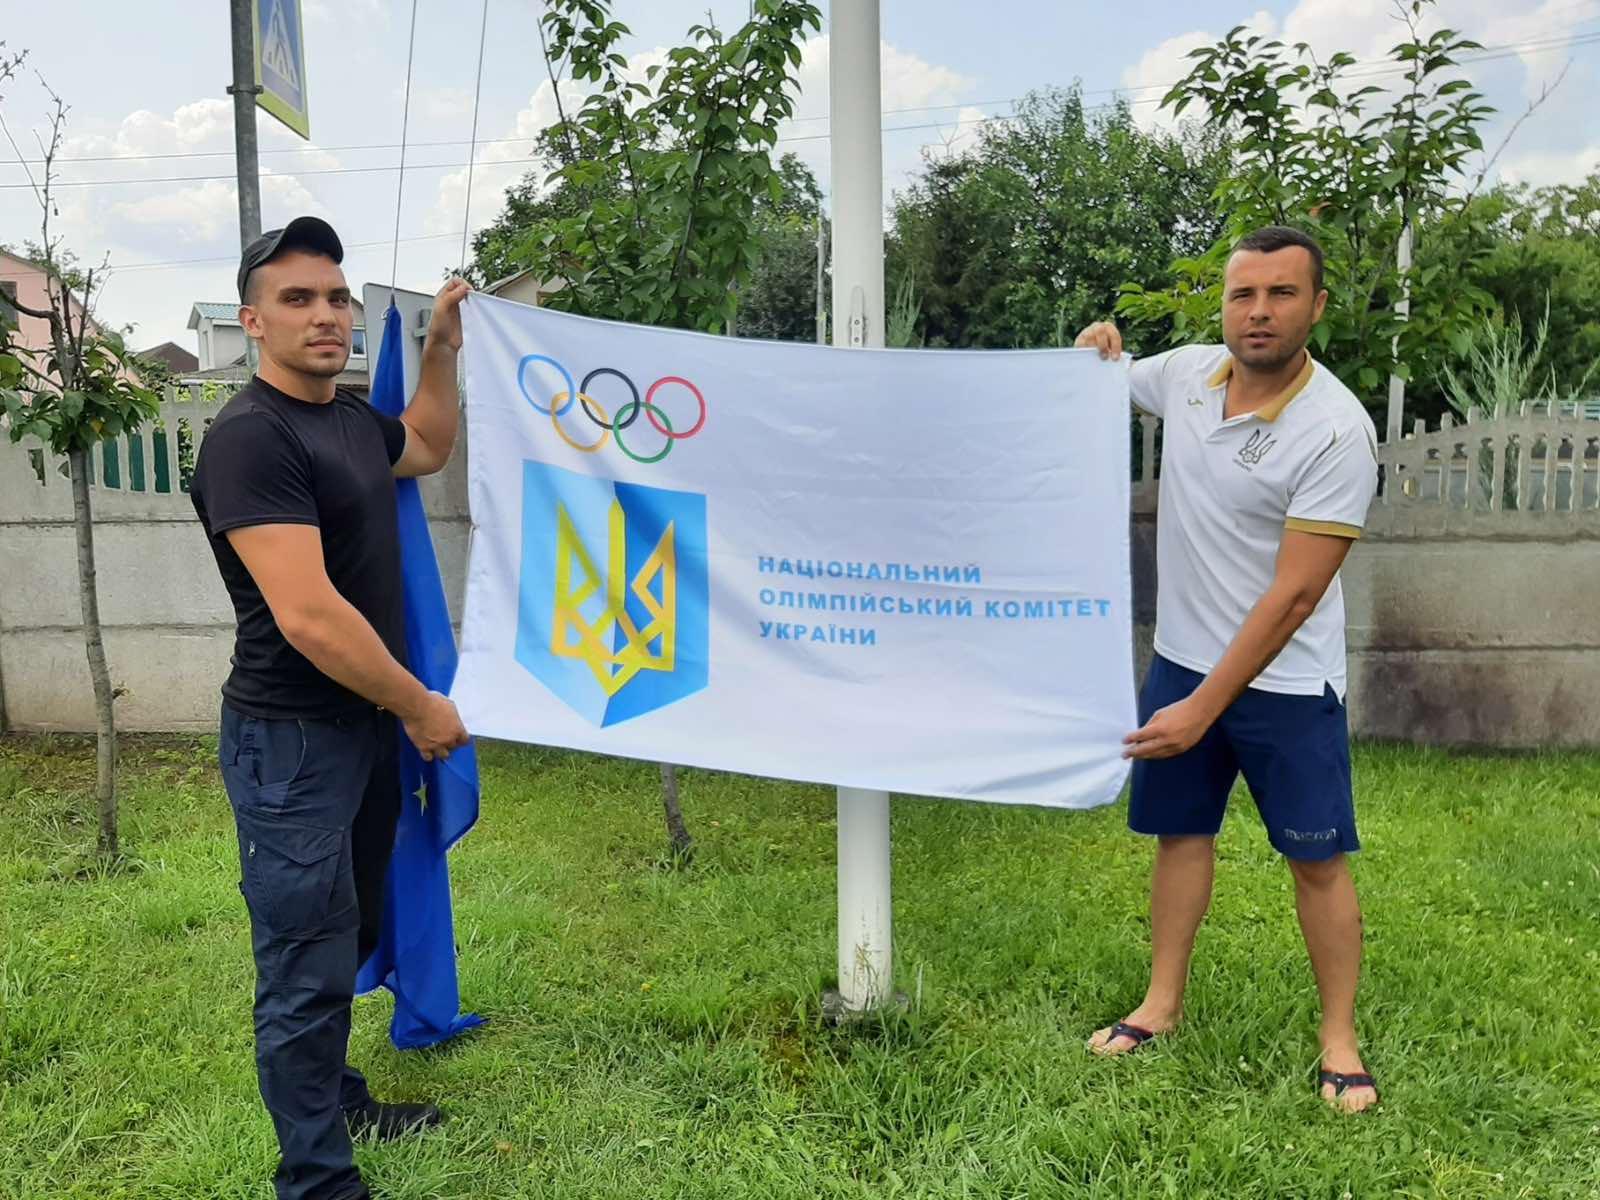 Підняття олімпійського прапора, Гатненська громада. фото